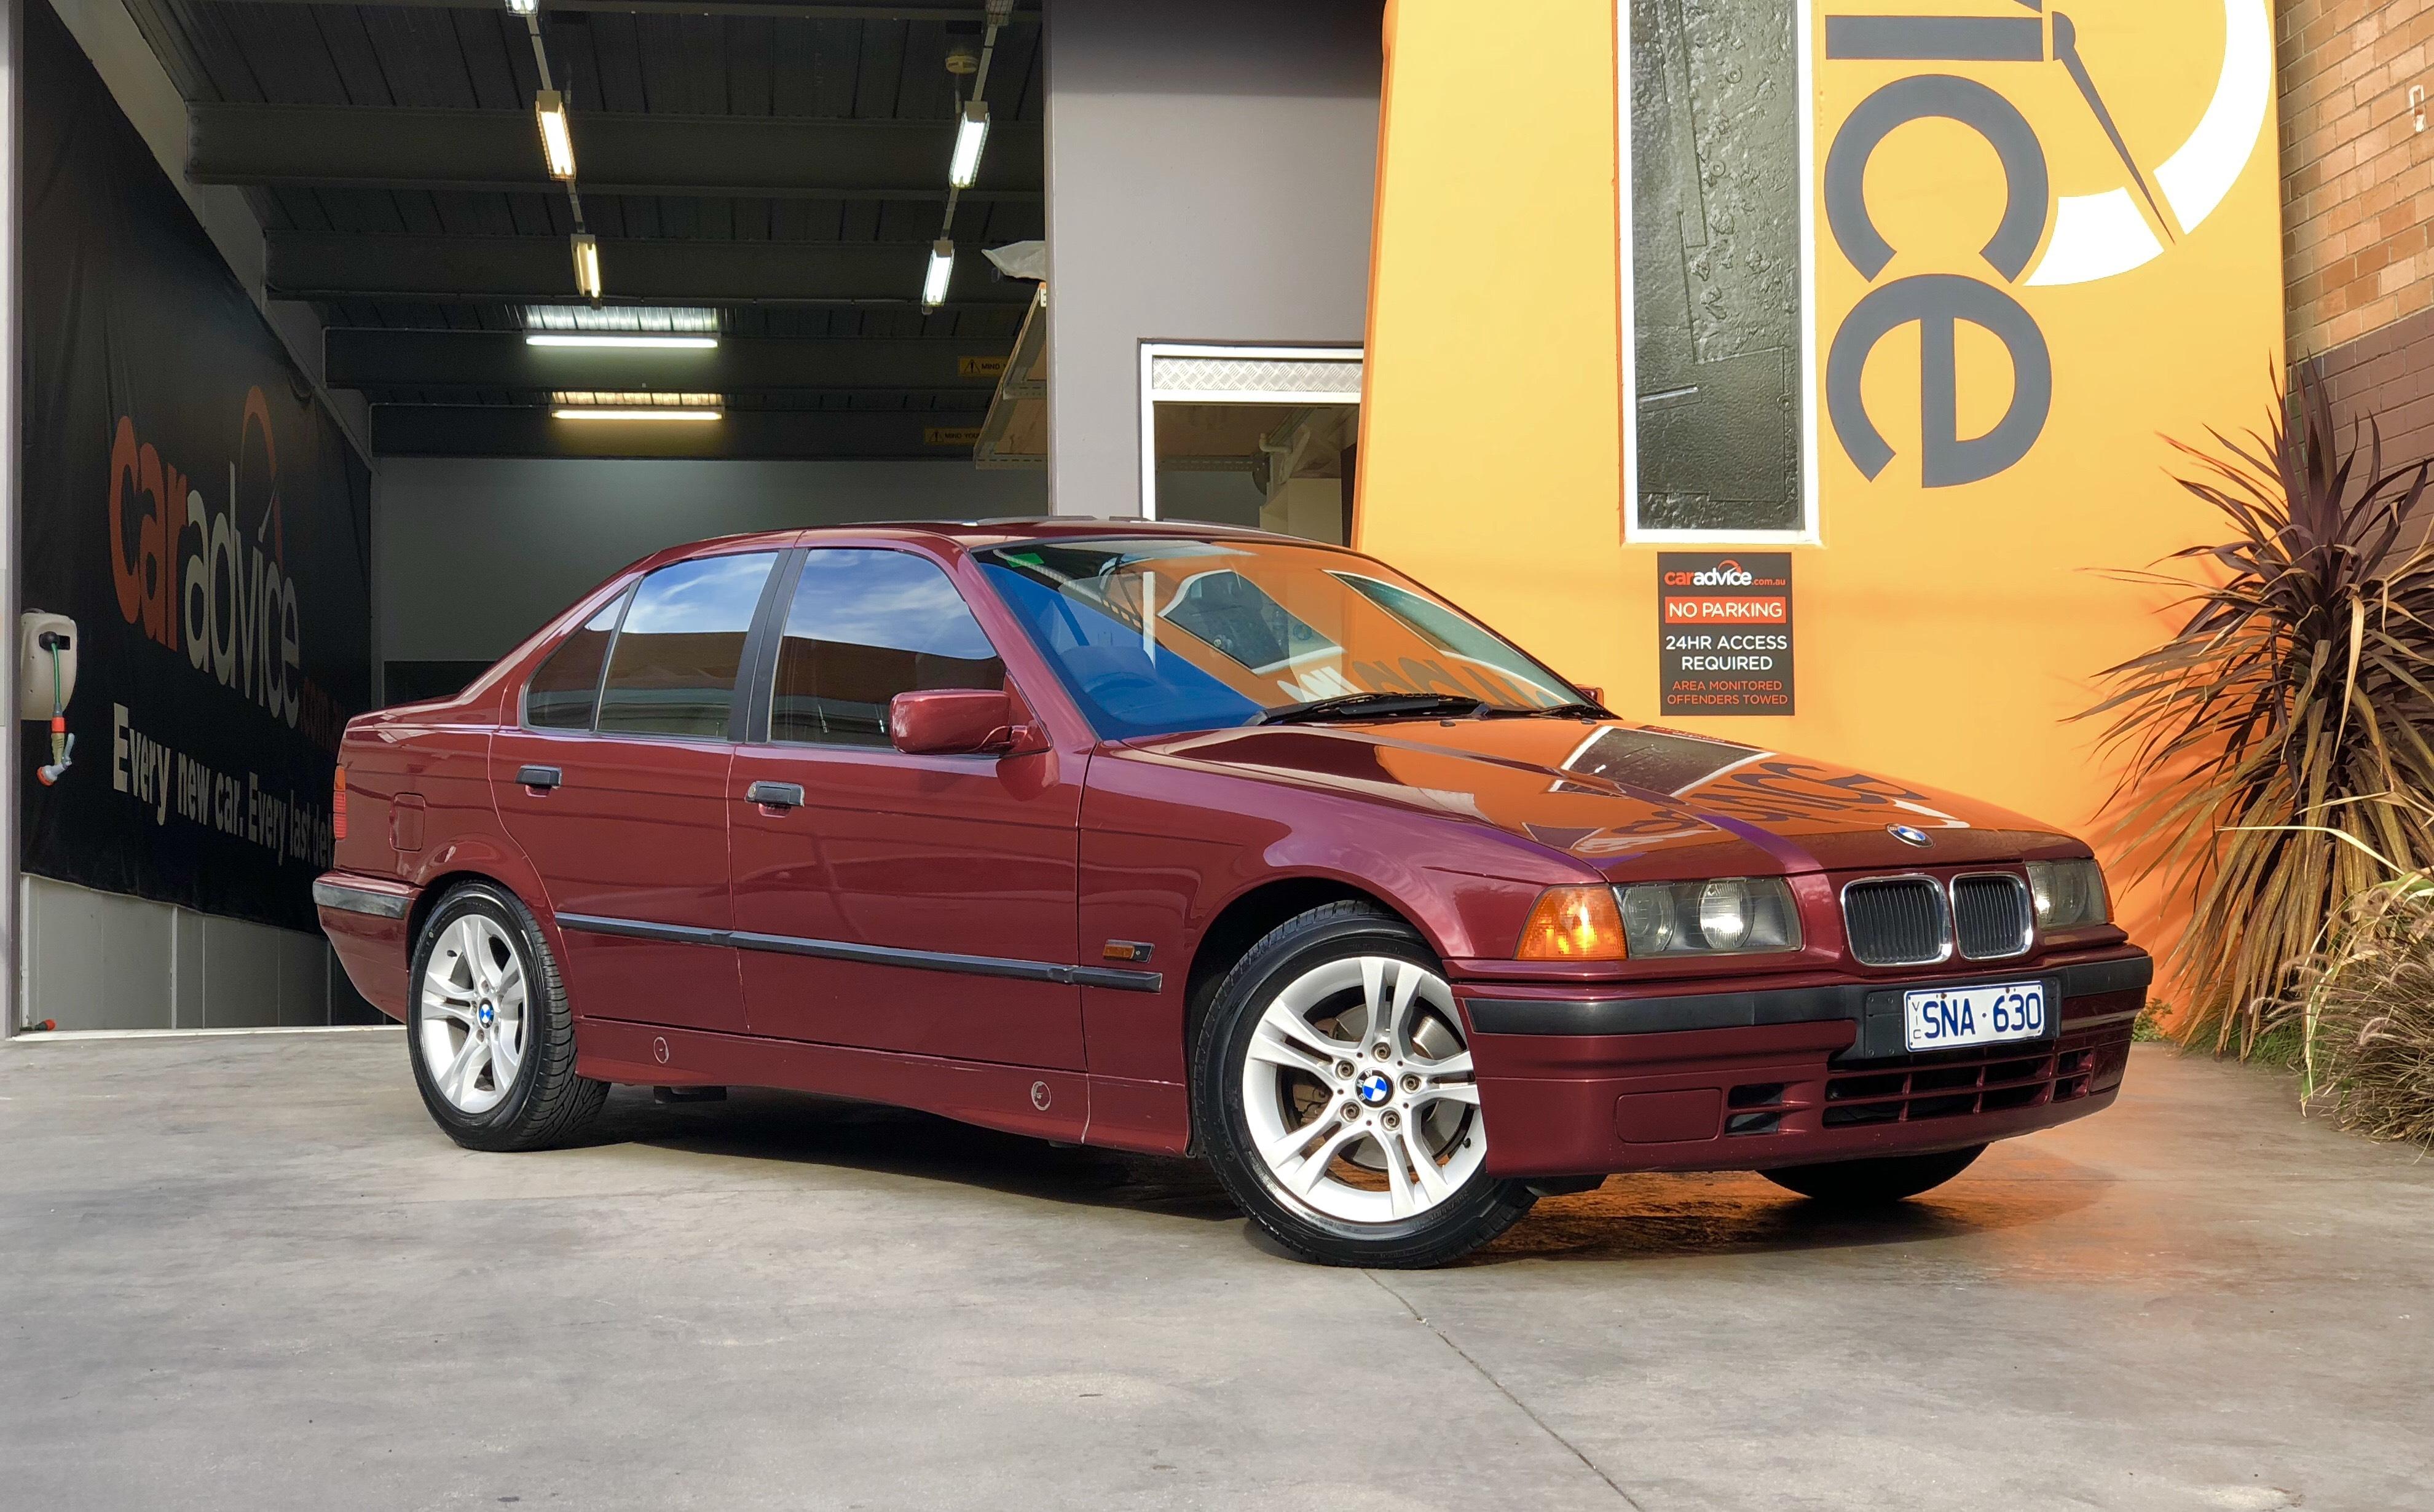 1995 Bmw 318i Review Caradvice